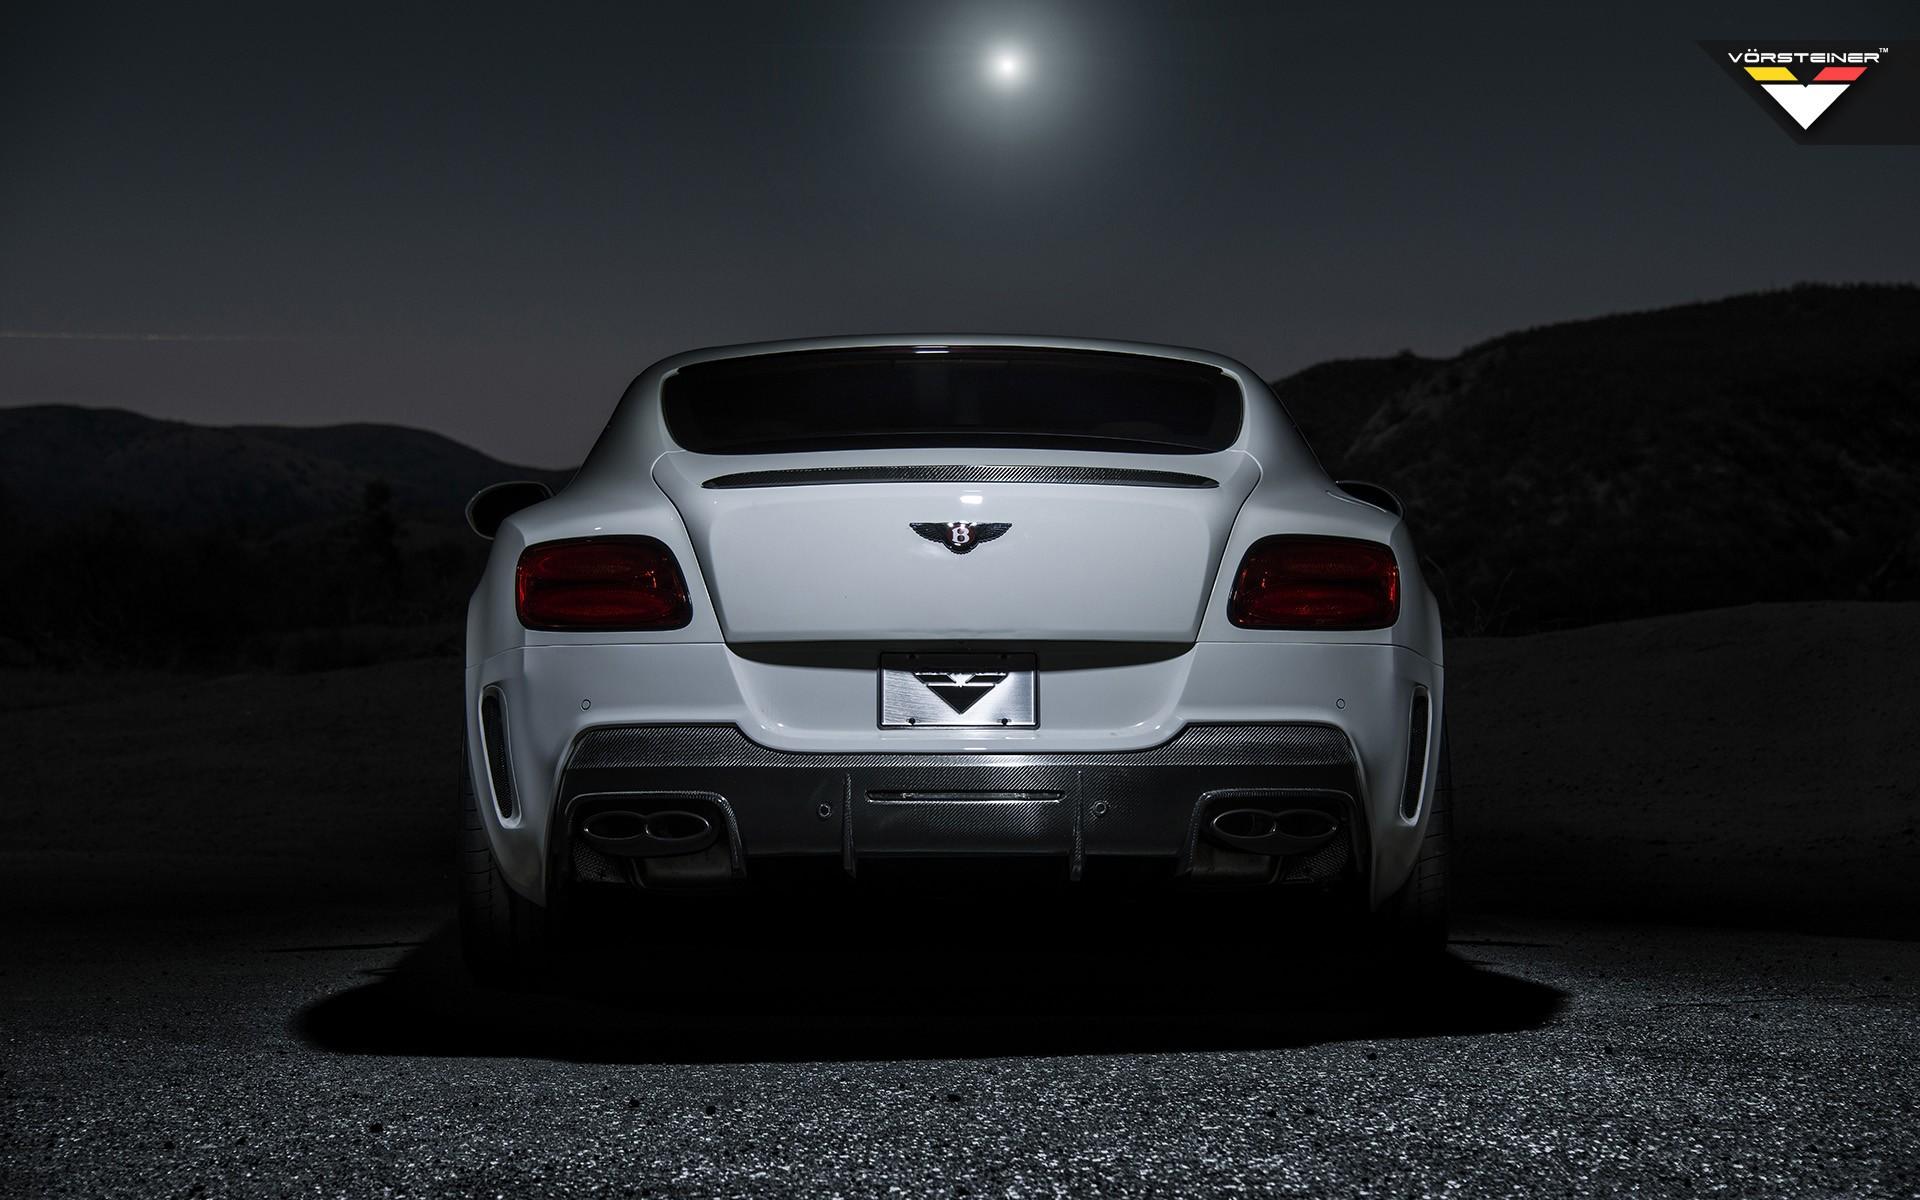 Audi R8 Hd Widescreen Wallpapers 1080p 2013 Vorsteiner Bentley Continental Gt Br10 Rs 3 Wallpaper